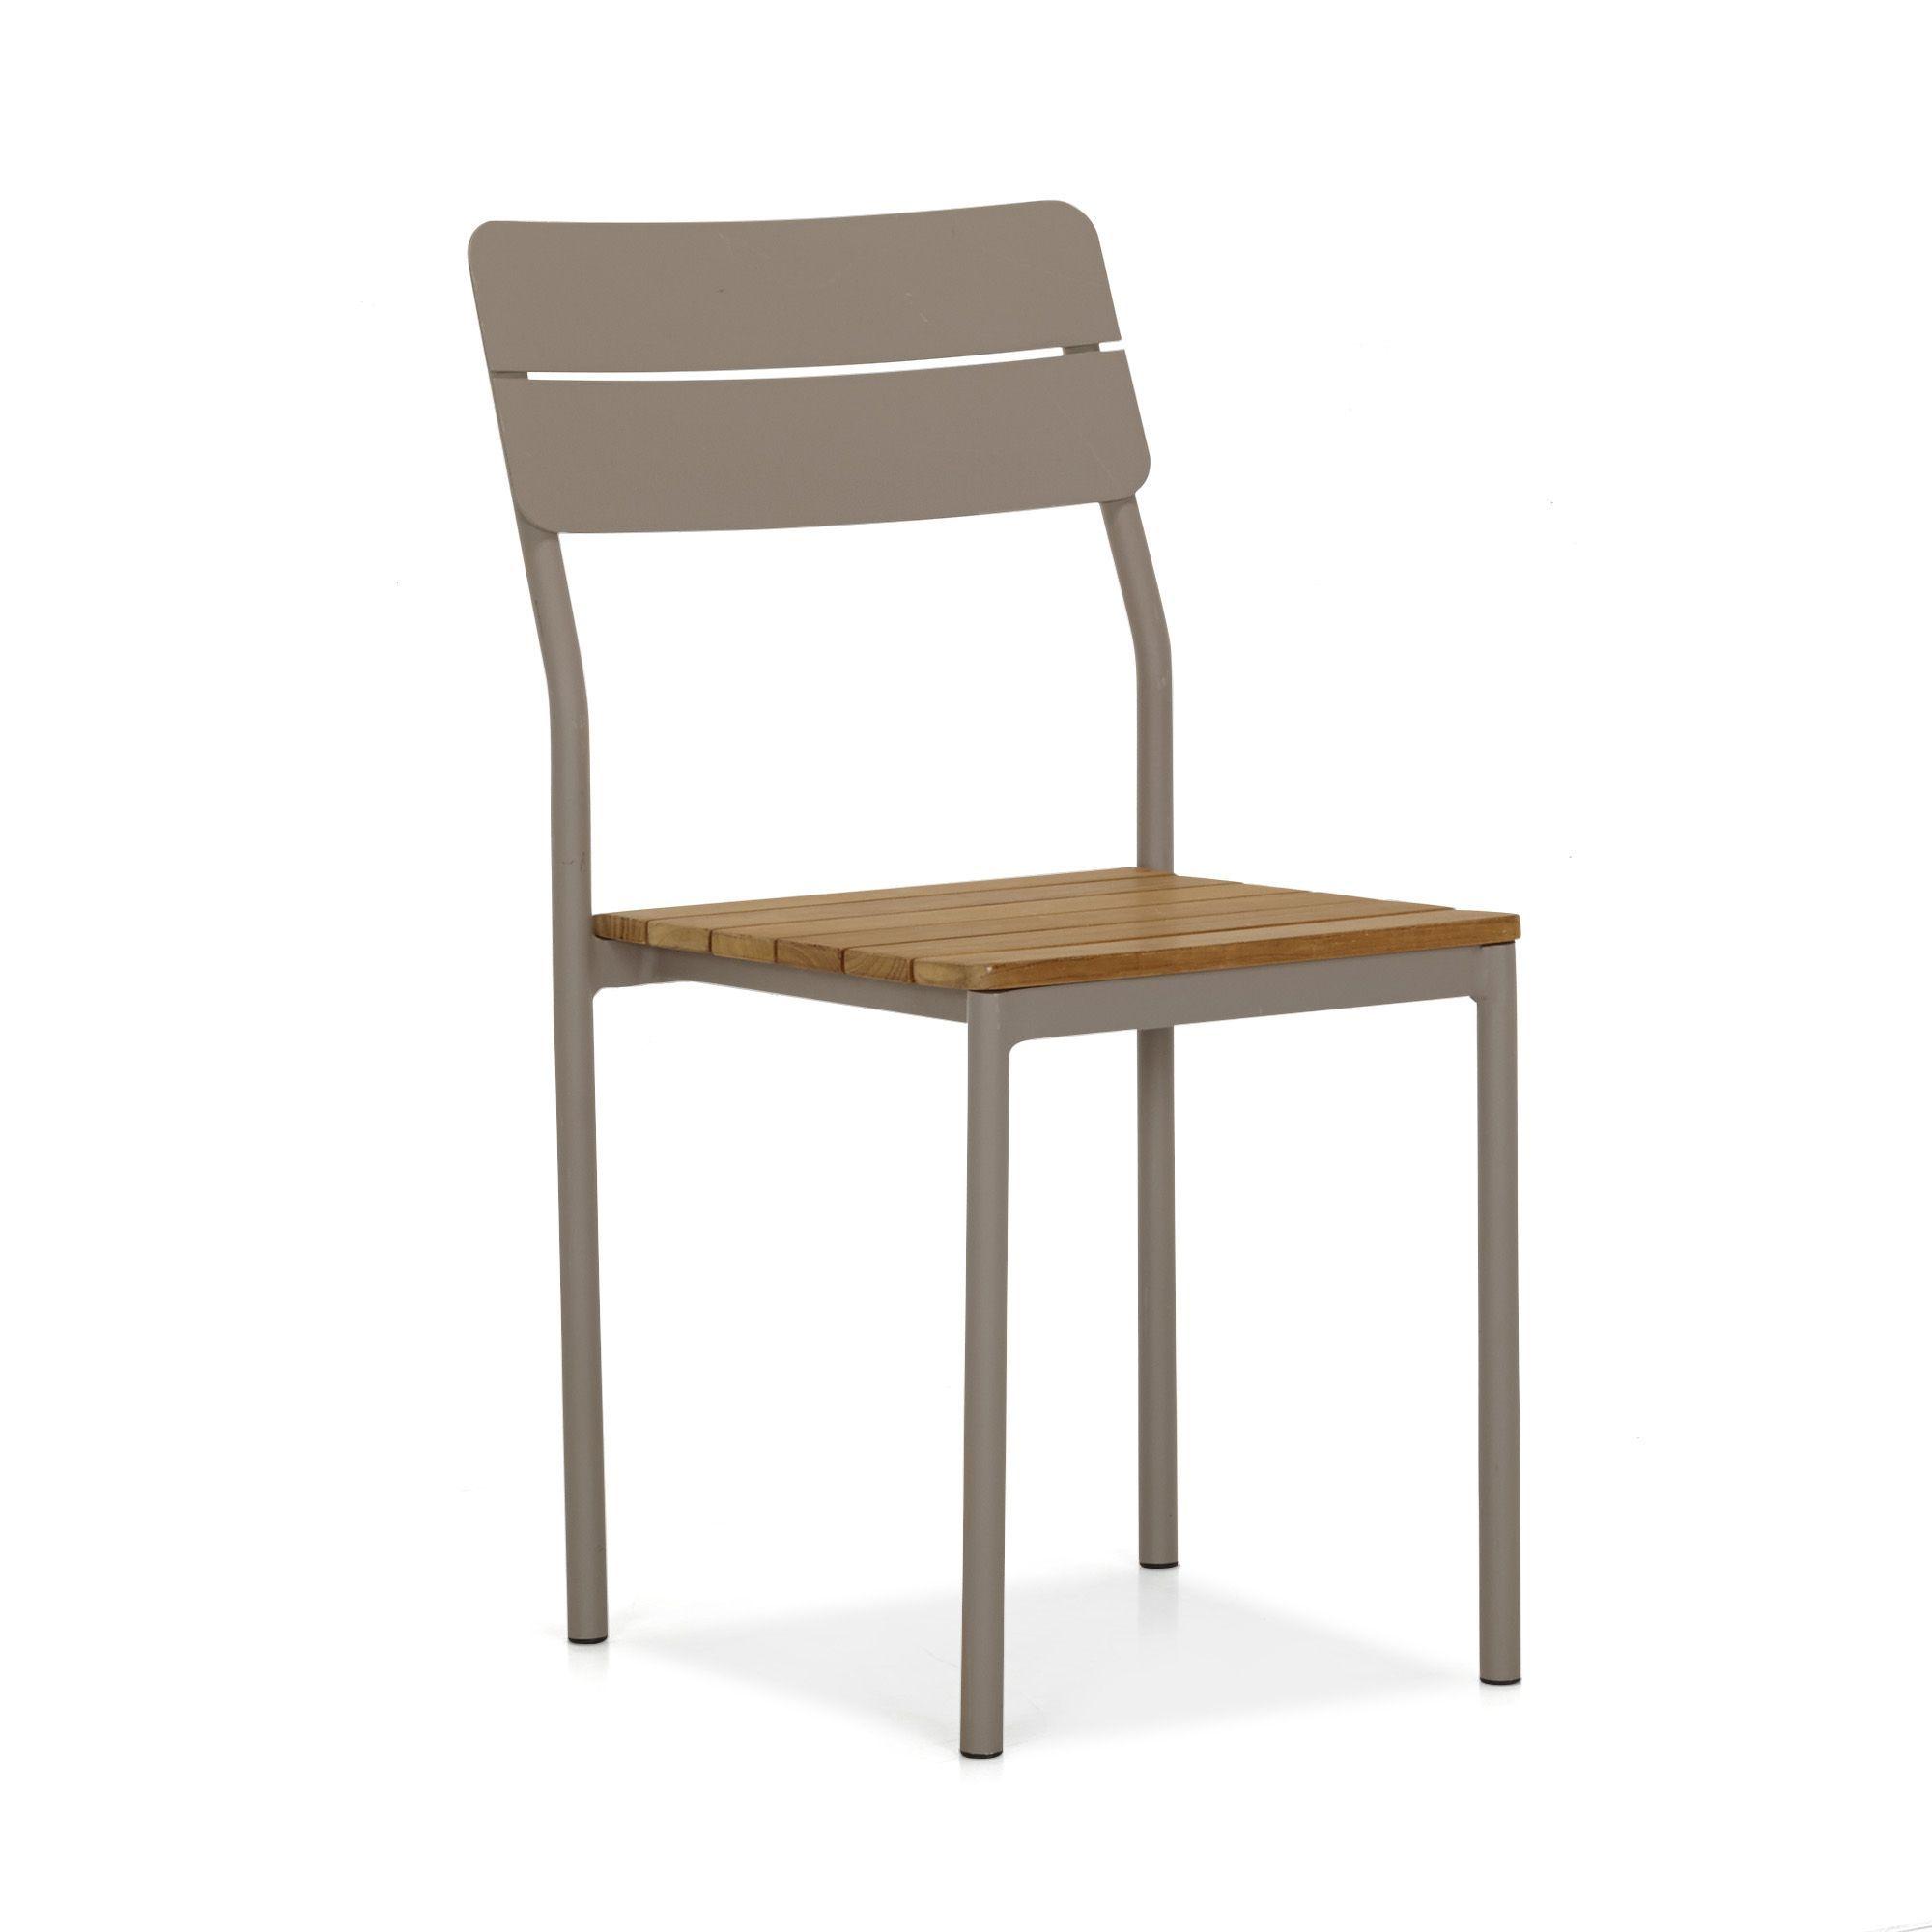 Chaise de jardin en teck et alu finition mat Taupe/naturel ...